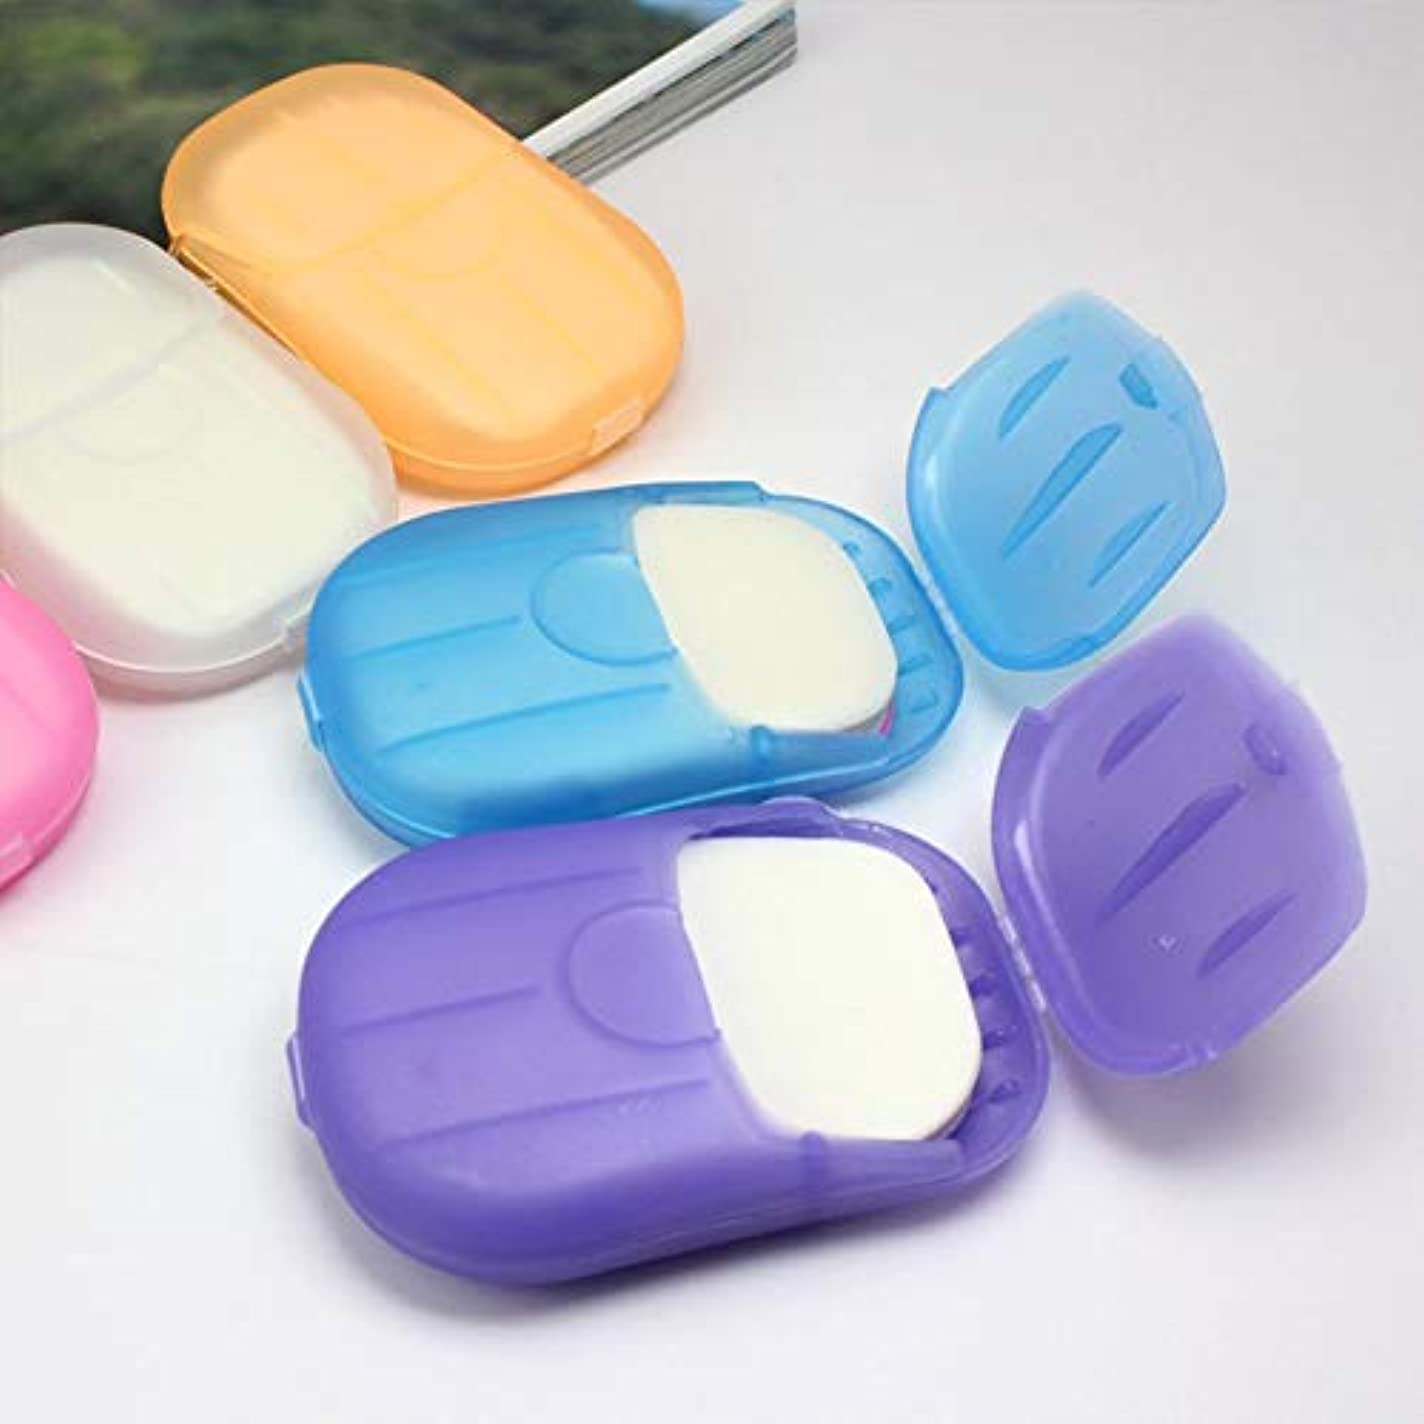 調子チキン削除する20 Pcs Paper Soap Outdoor Travel Bath Soap Tablets Portable Hand-washing